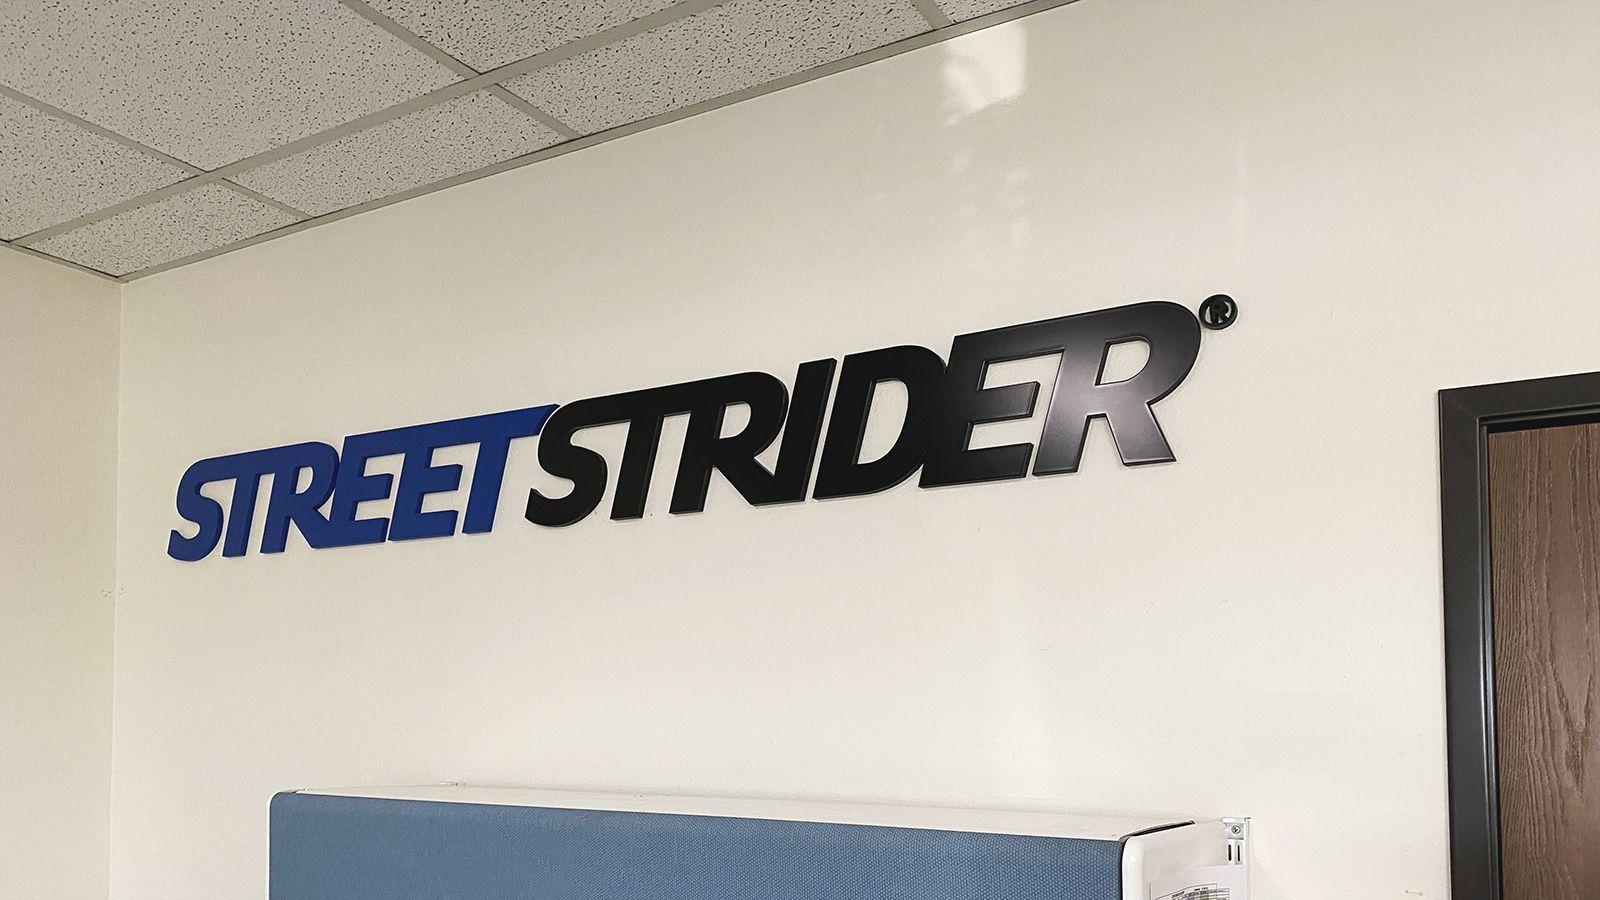 streetstrider 3d letters